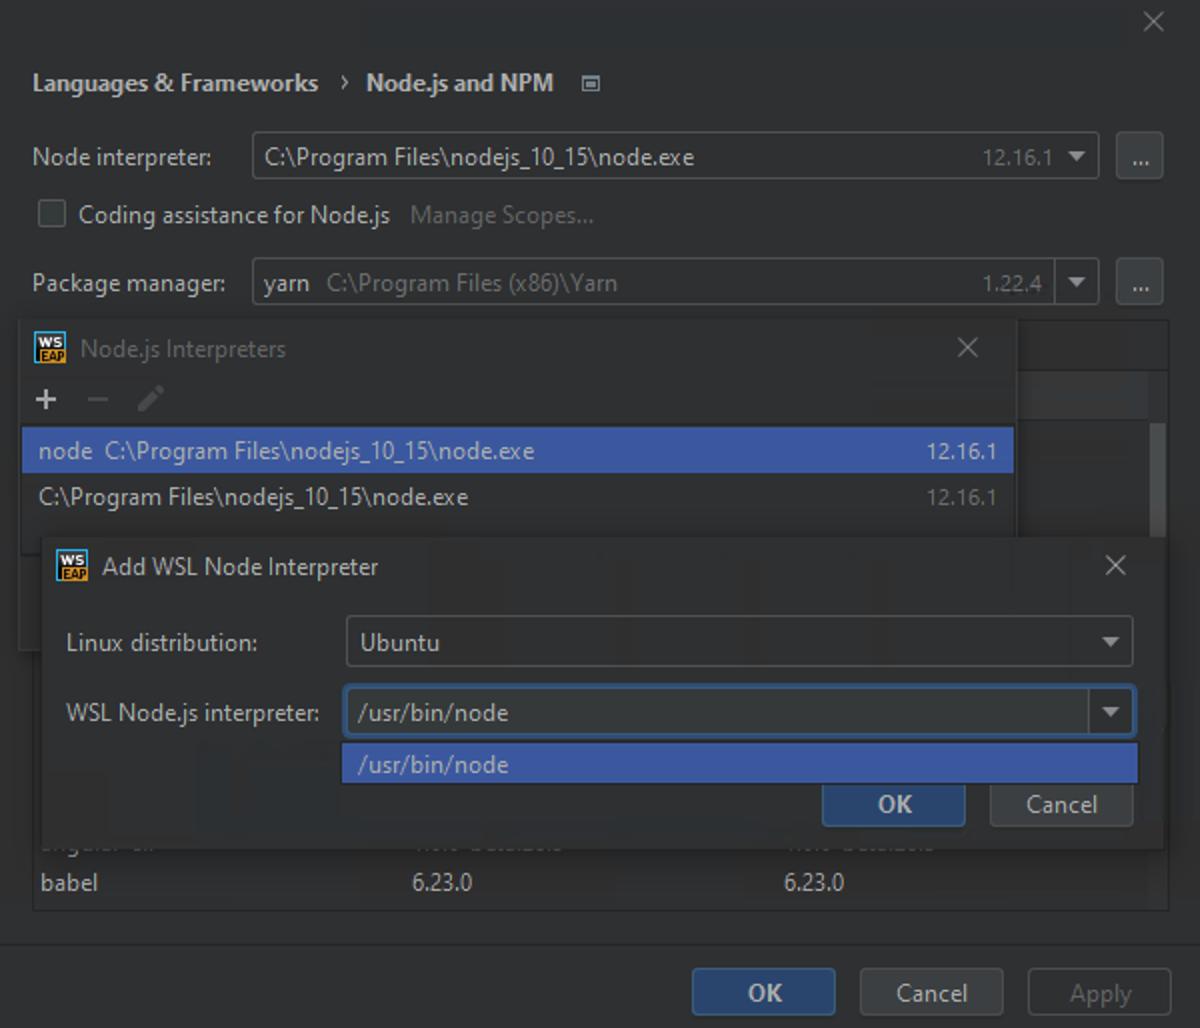 Configuring Node.js on WSL as the default project node interpreter